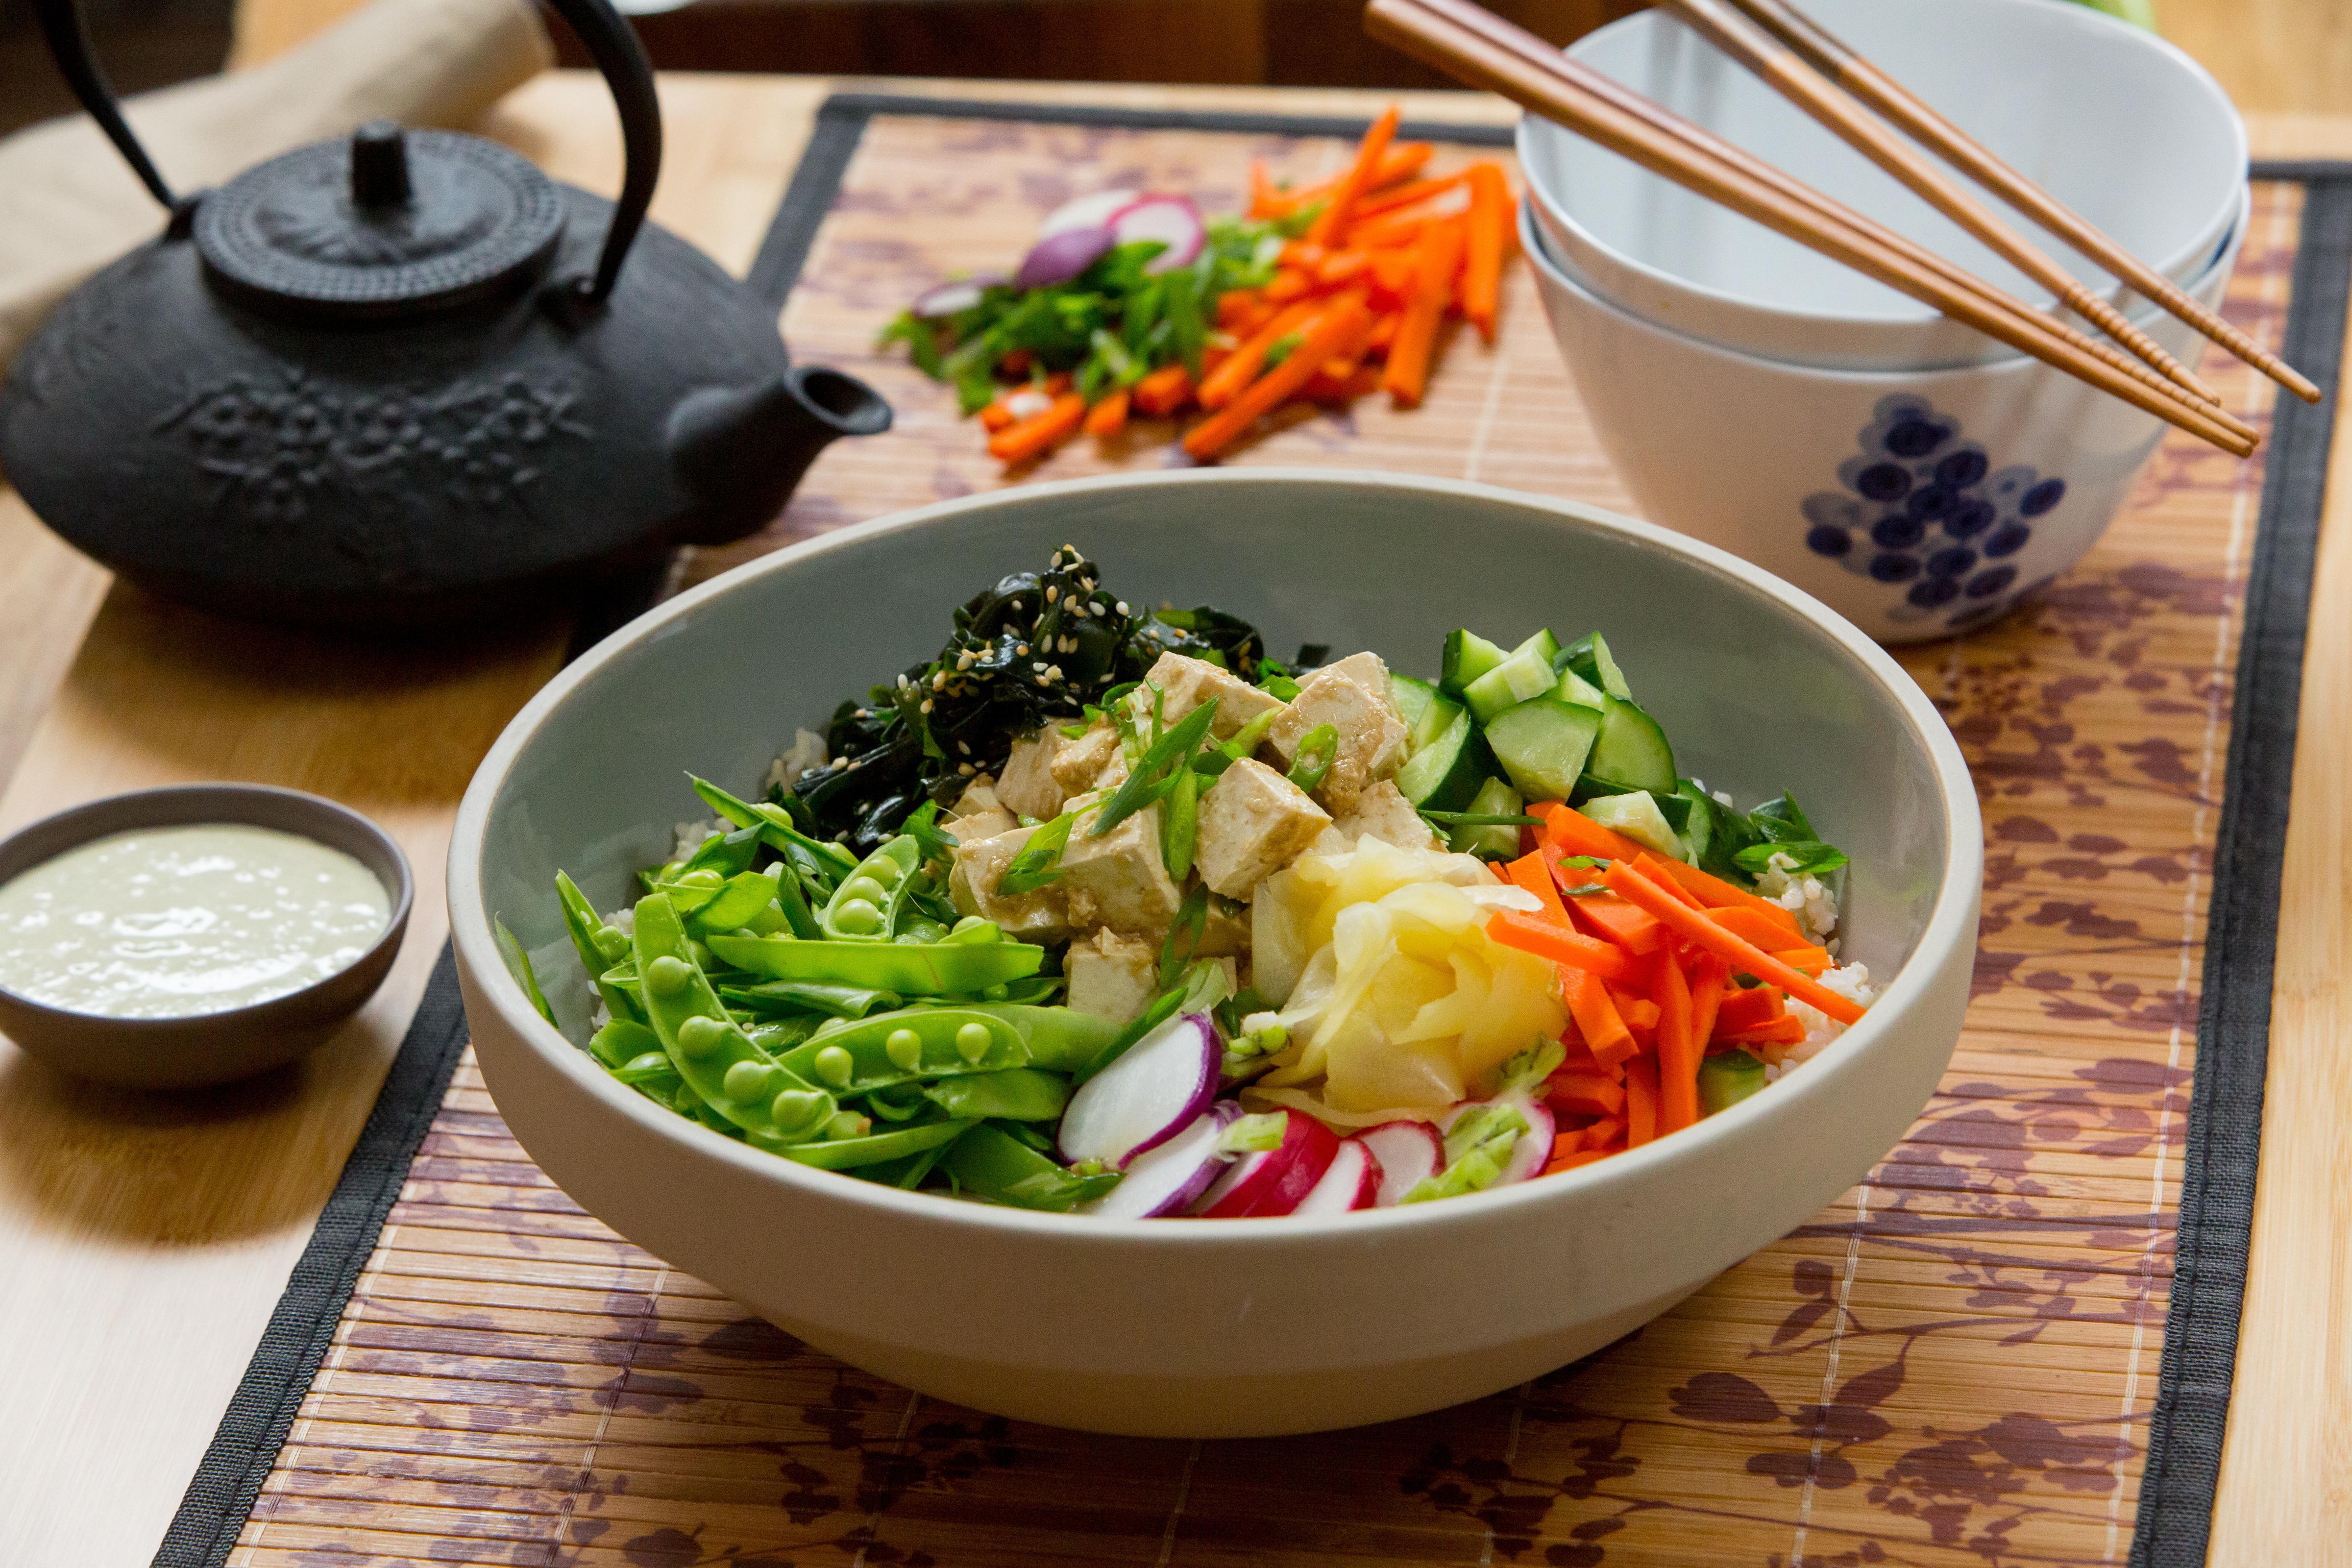 How to make a vegetarian tofu poke bowl